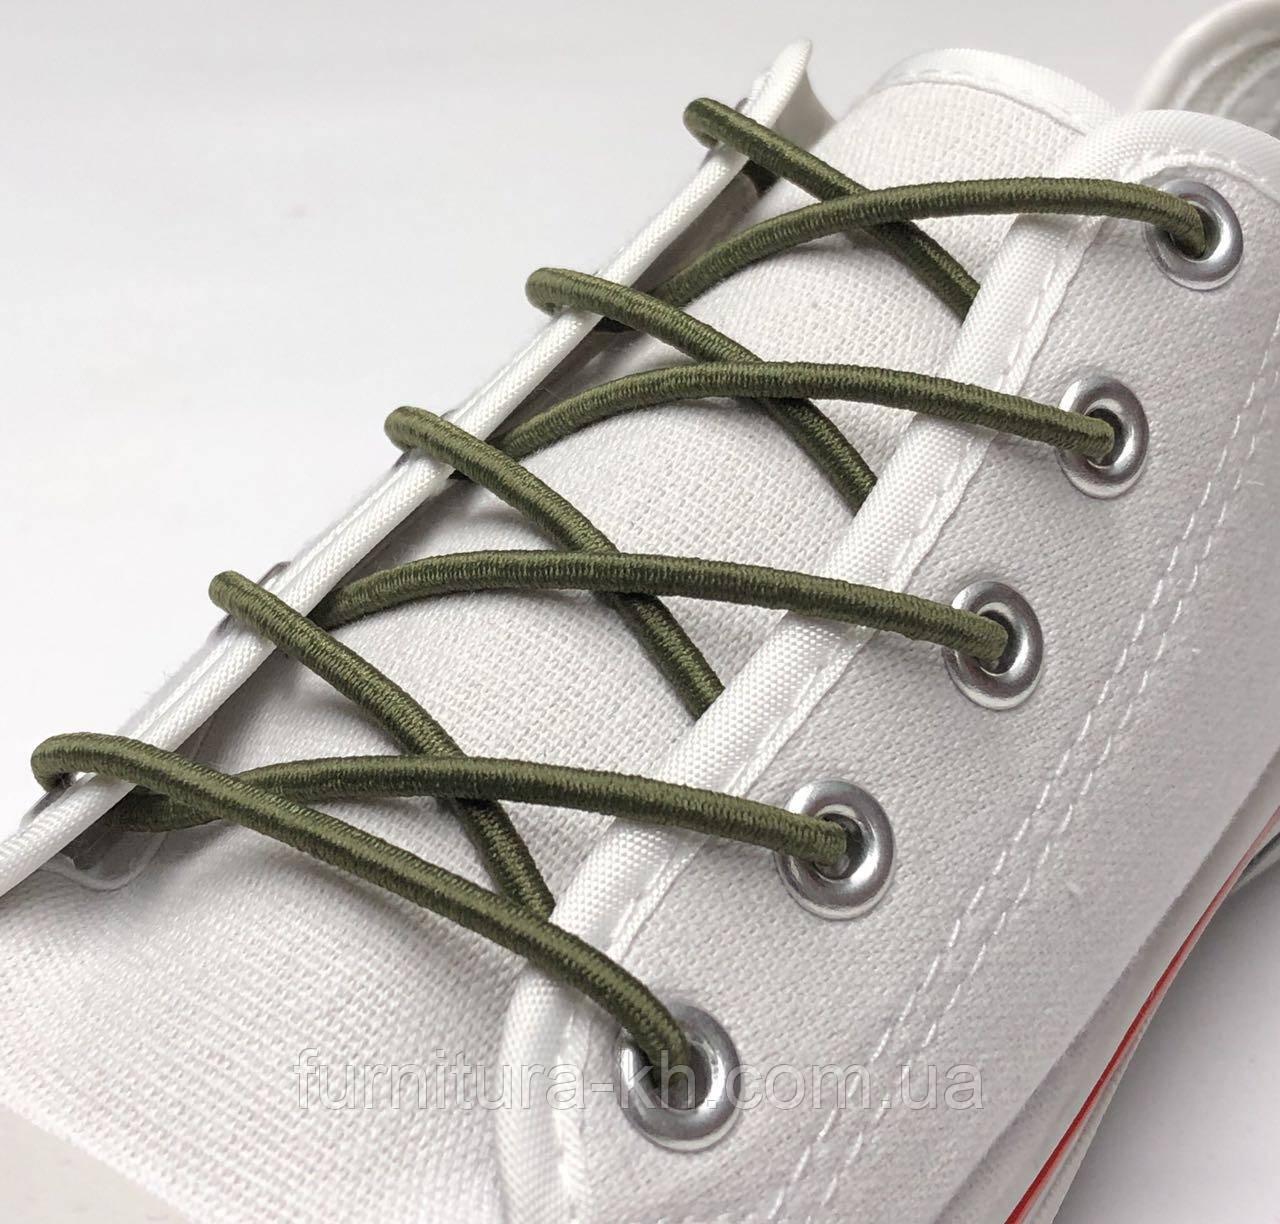 Шнурок Резиновый Круглый-Цвет Светлый-Хаки(толщина 3 мм).Длинна 0,70 см